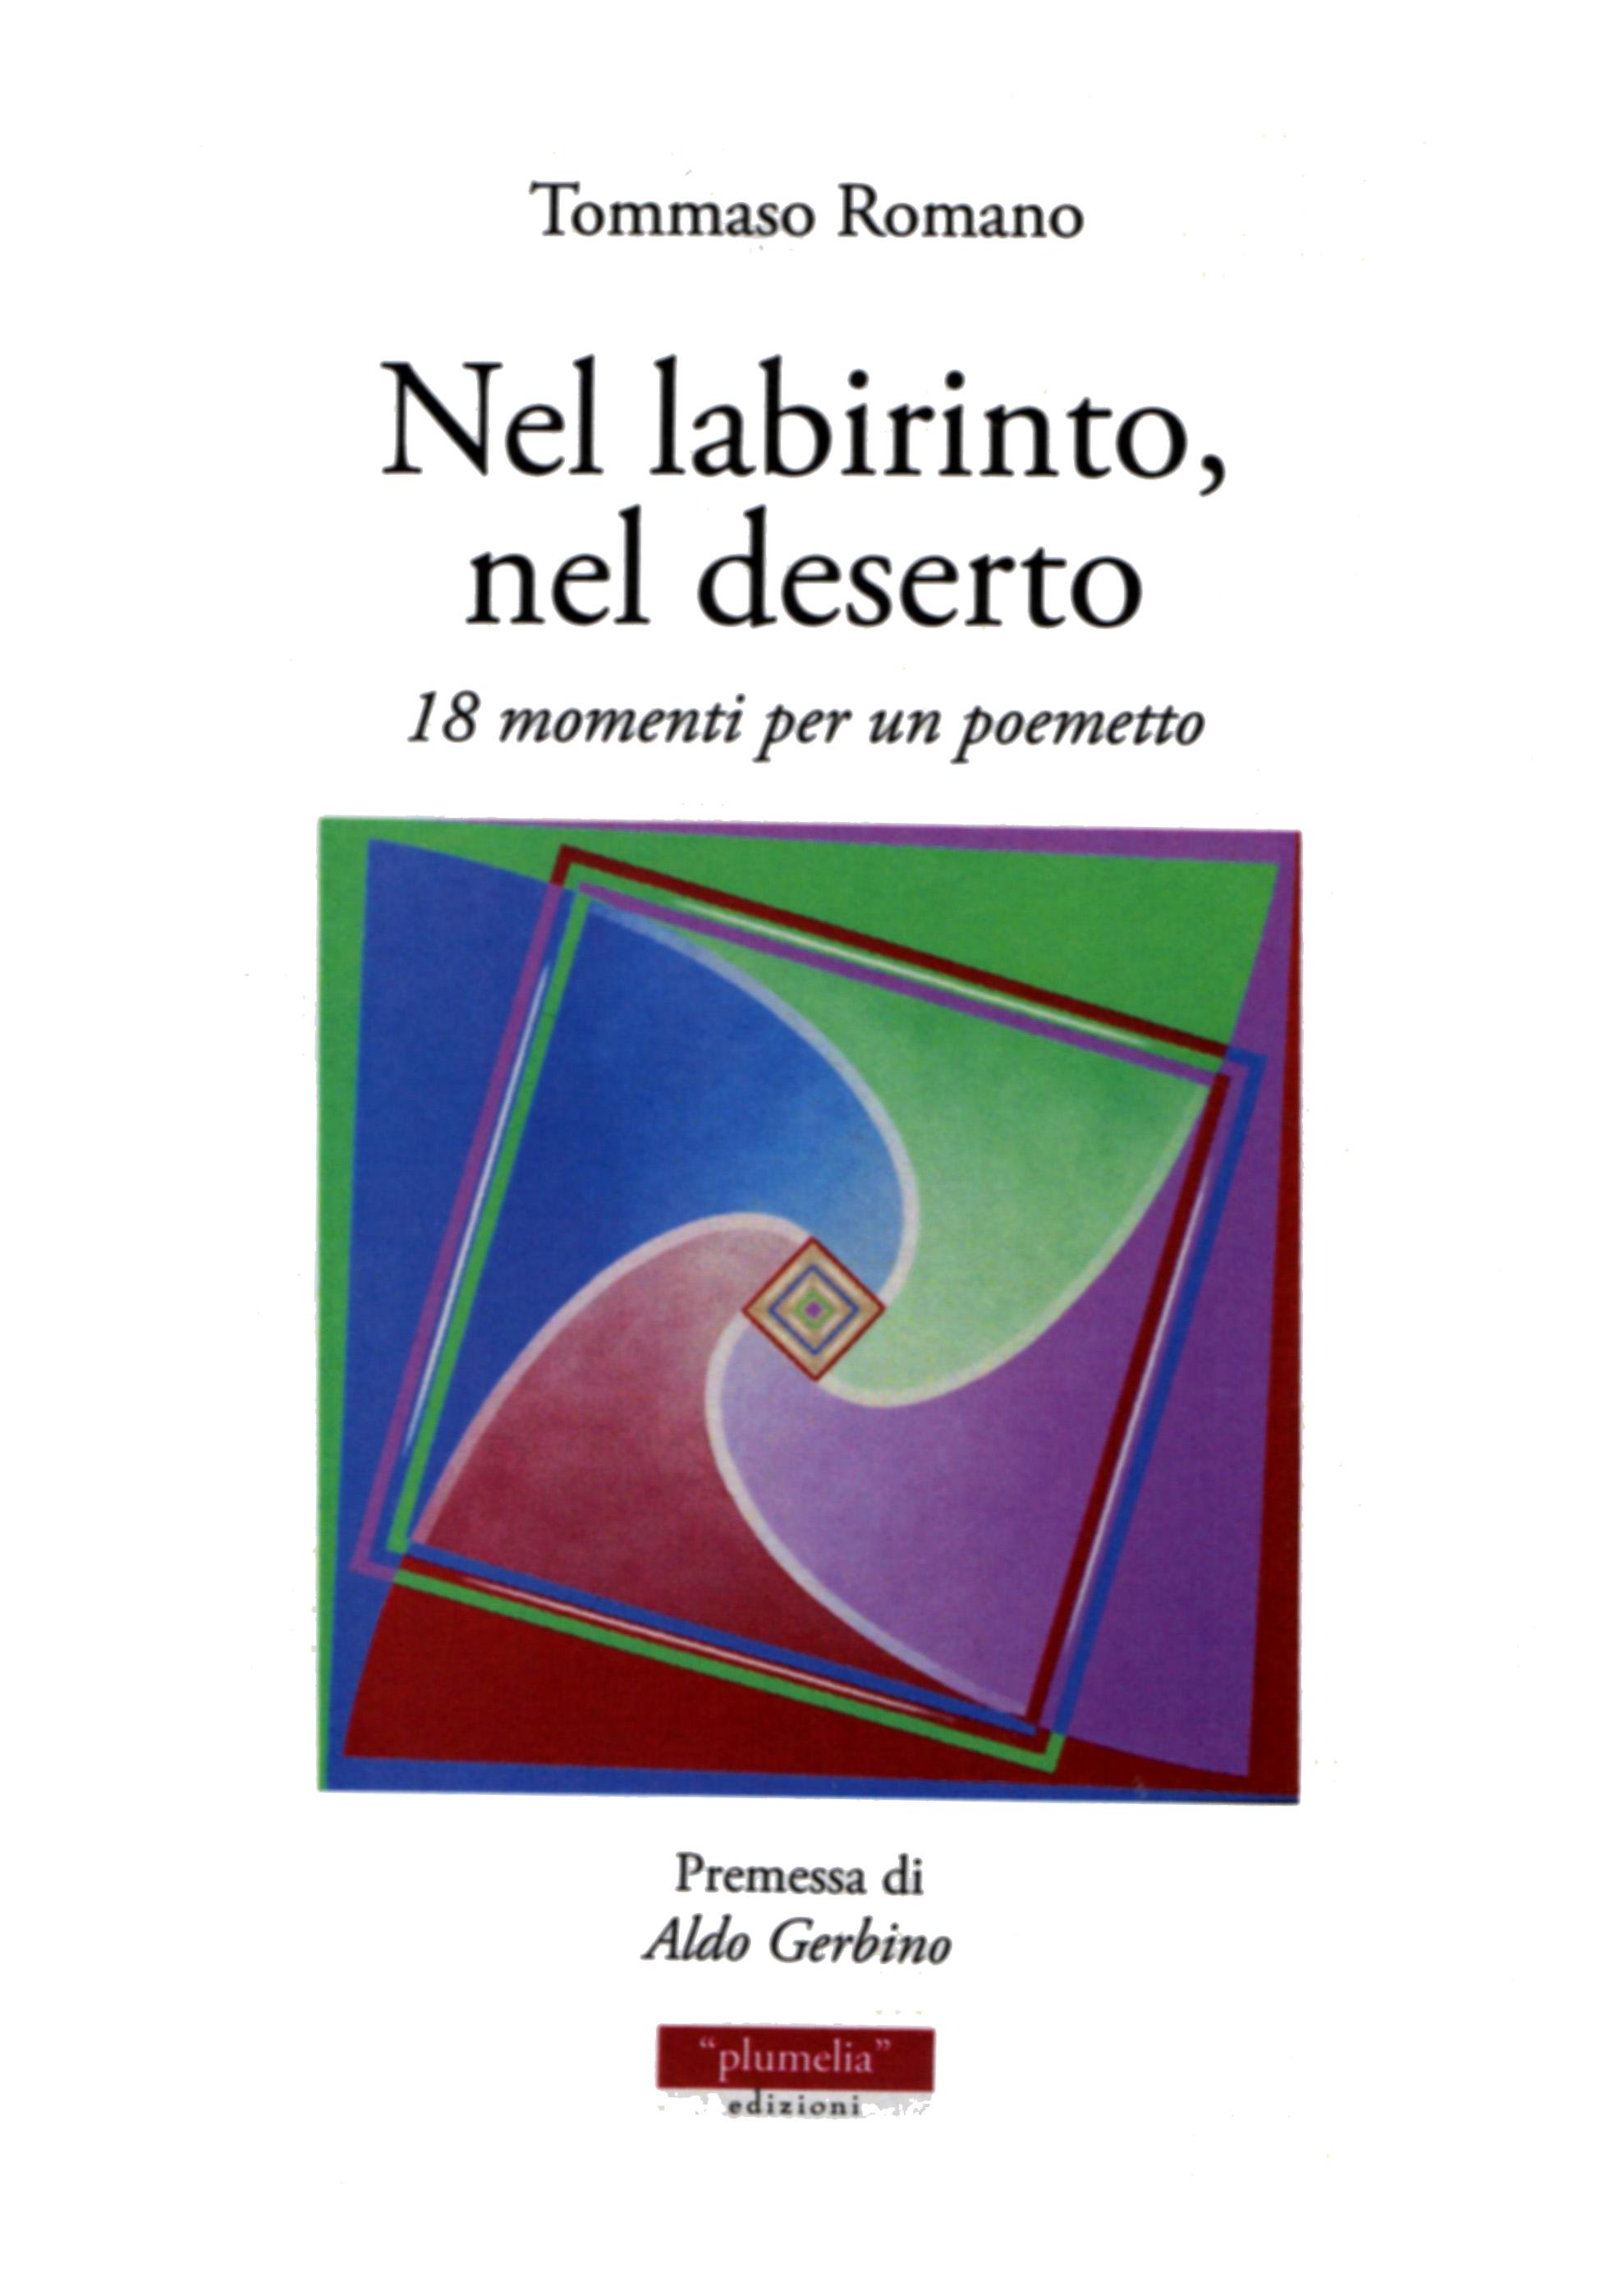 """""""Nel labirinto, nel deserto"""". L'ultima operetta poetica di Tommaso Romano - di Antonino Russo"""